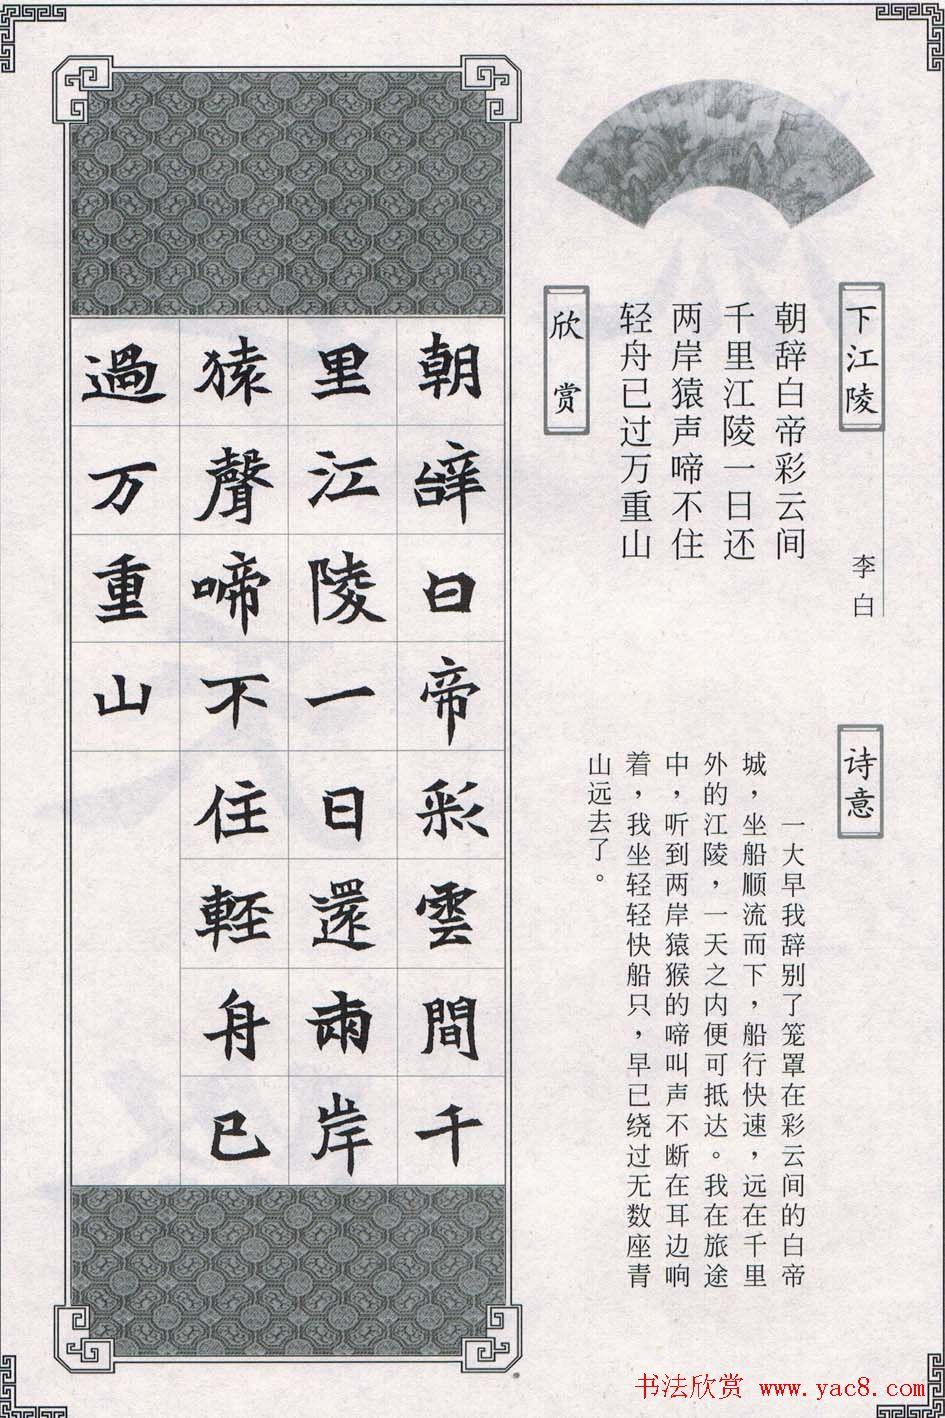 魏楷字帖欣赏《司马显姿墓志集唐诗十五首》